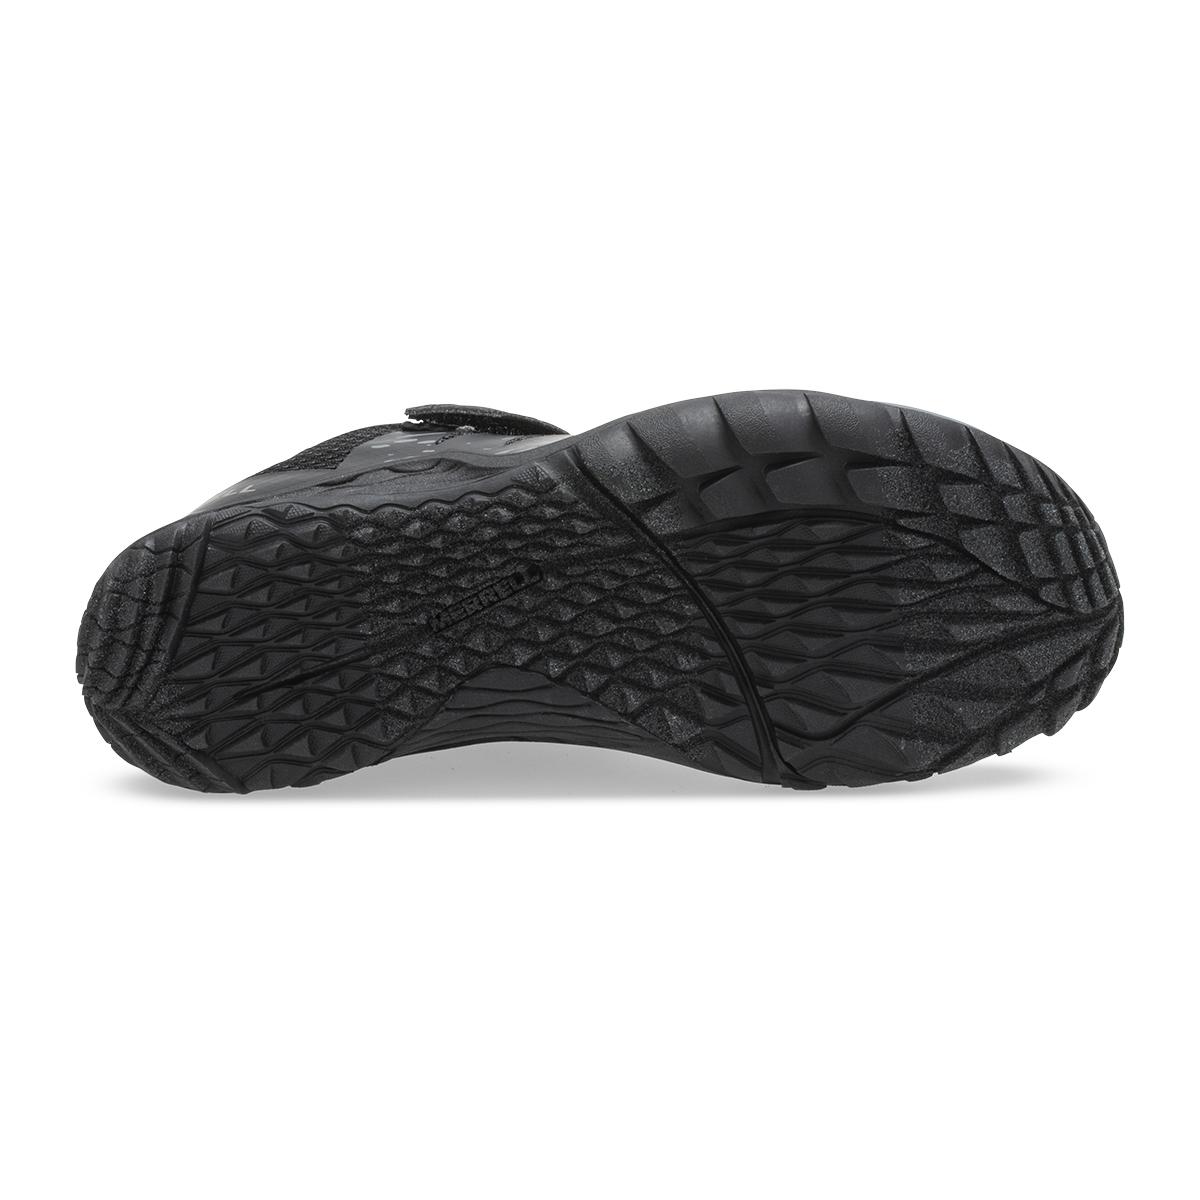 Trail Glove 5 A/C, Black